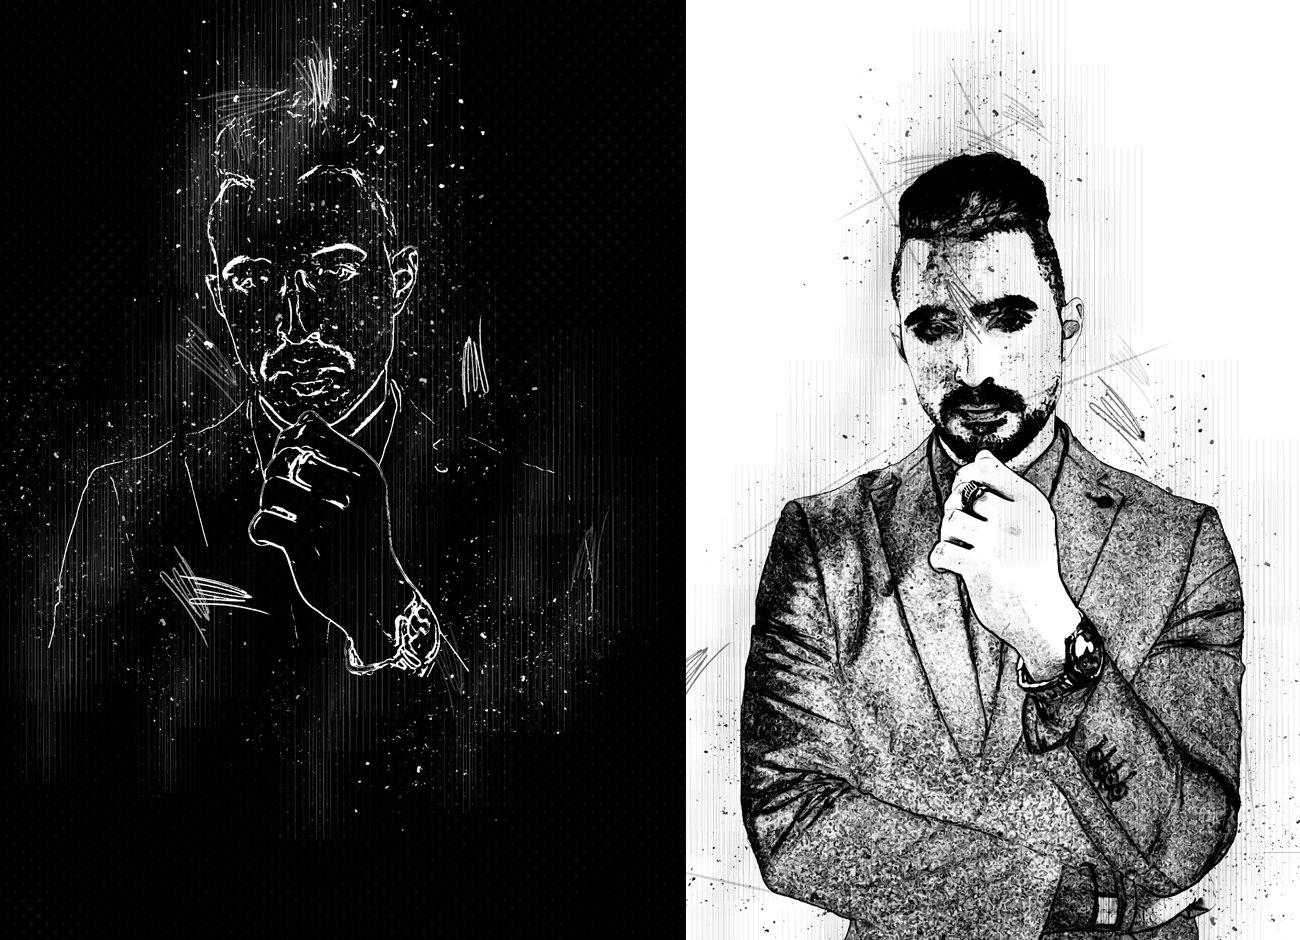 黑白素描艺术画效果照片处理特效PS动作素材 Black & White Sketch PS Action插图2